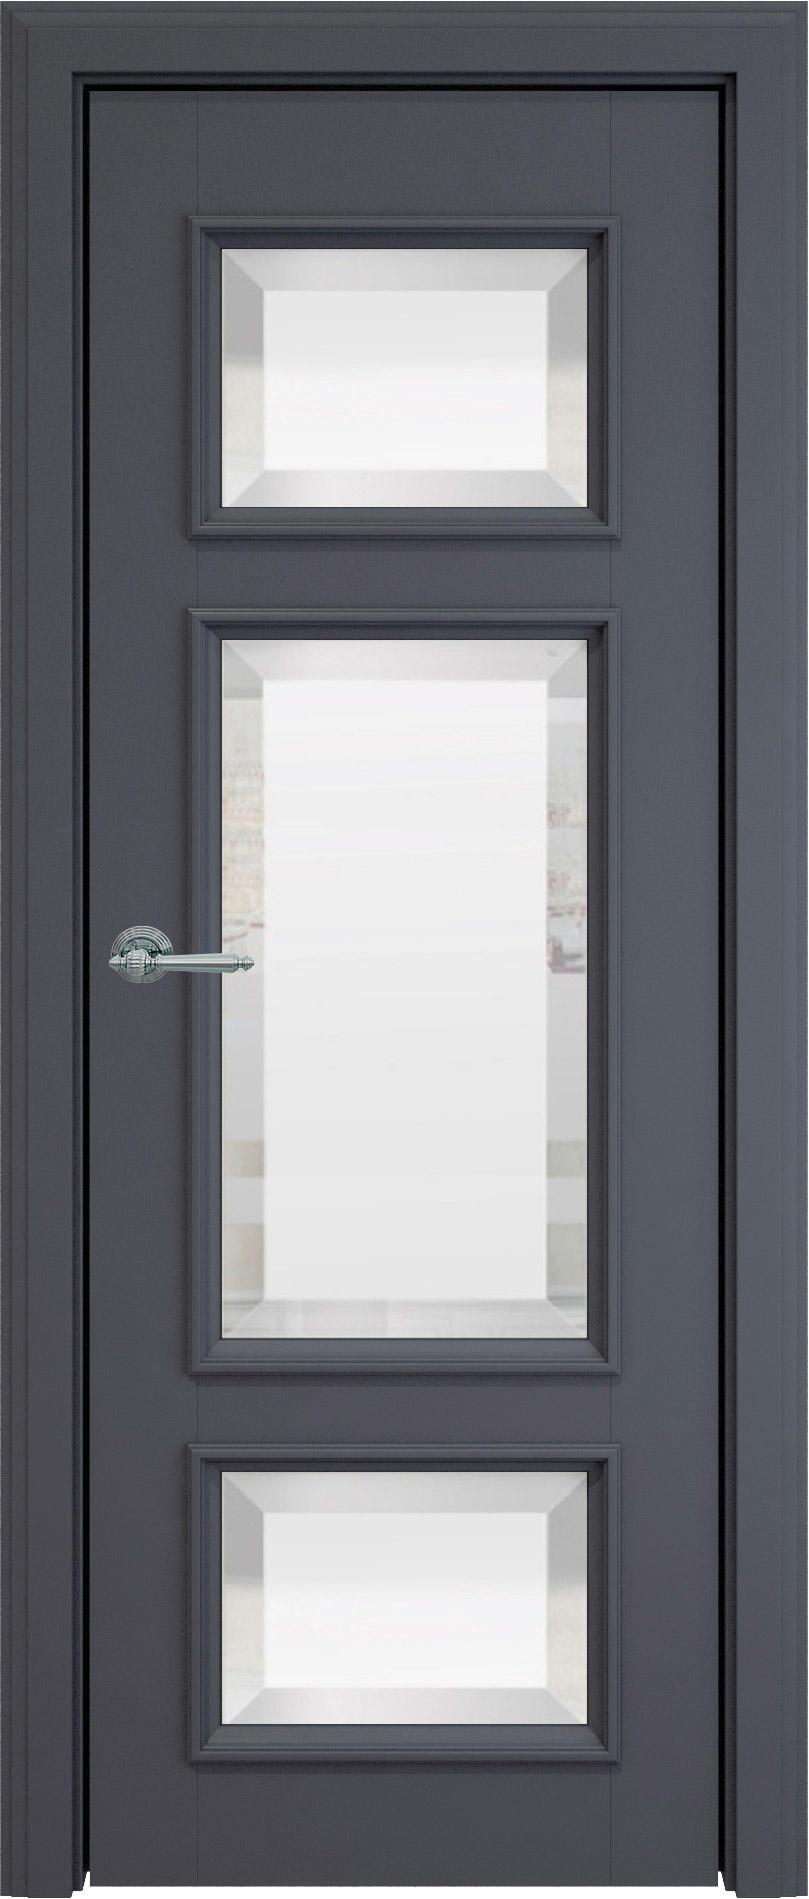 Siena LUX цвет - Графитово-серая эмаль (RAL 7024) Со стеклом (ДО)